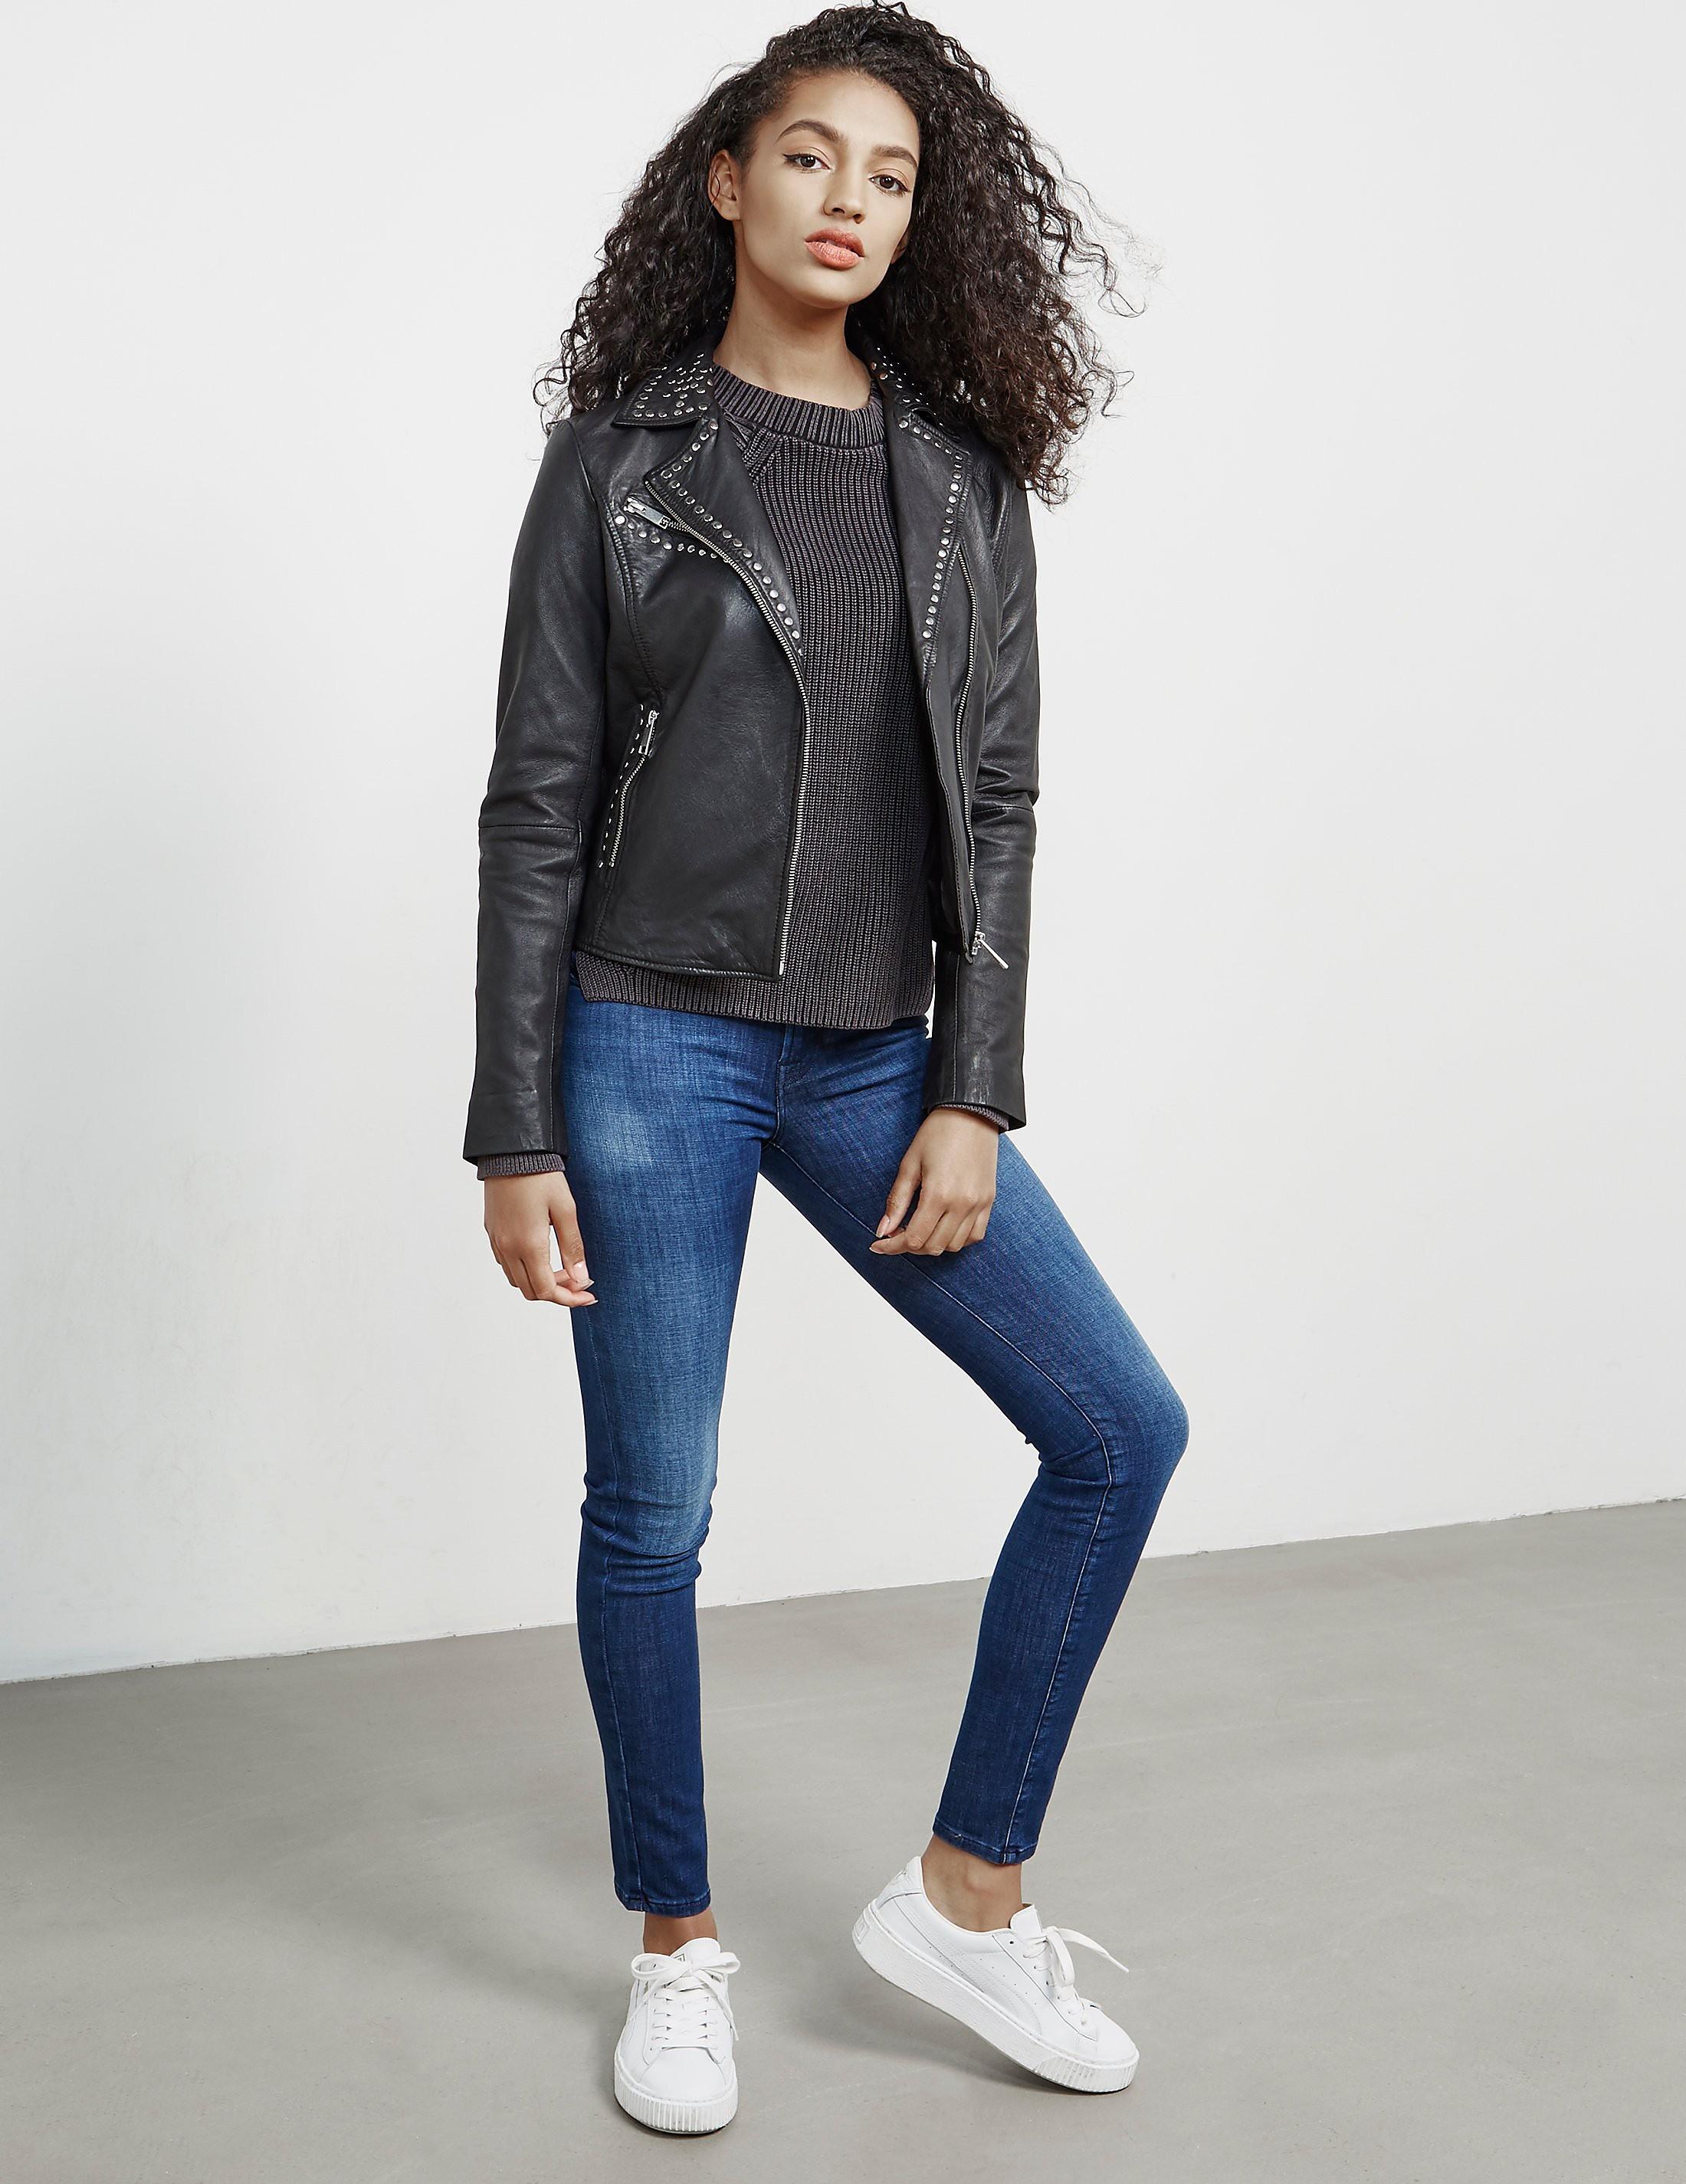 Rino & Pelle Leather Stud Jacket